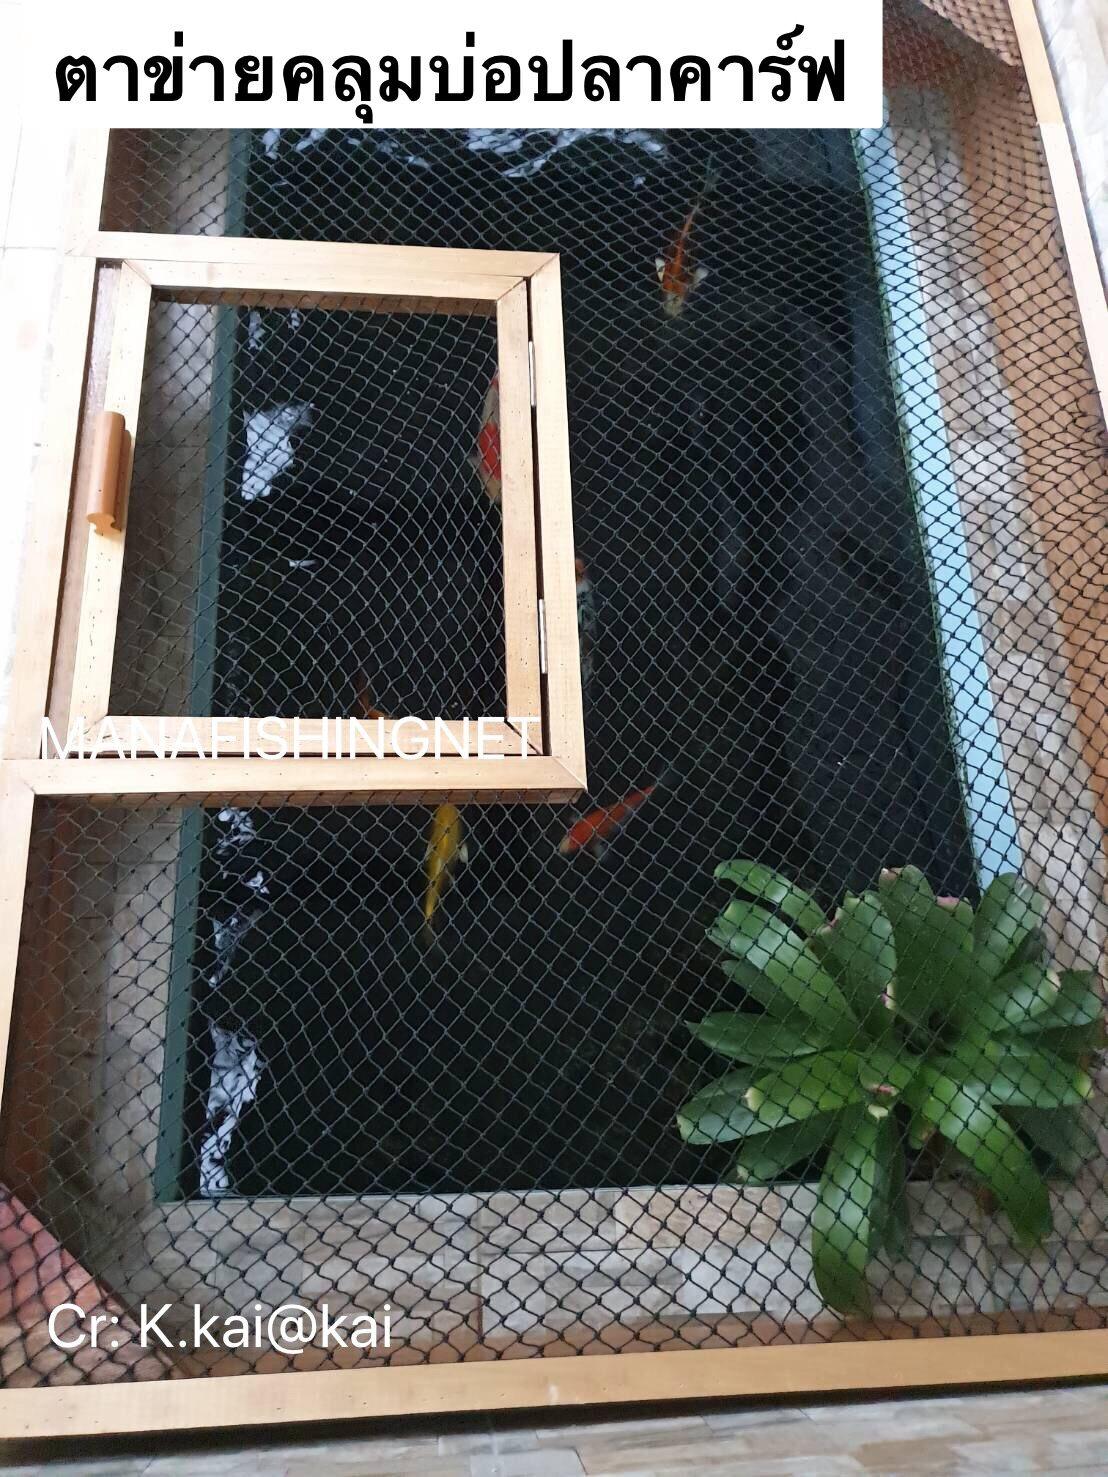 ตาข่ายคลุมบ่อปลาคราฟ KOI pond ขนาด 1.2x4 เมตร